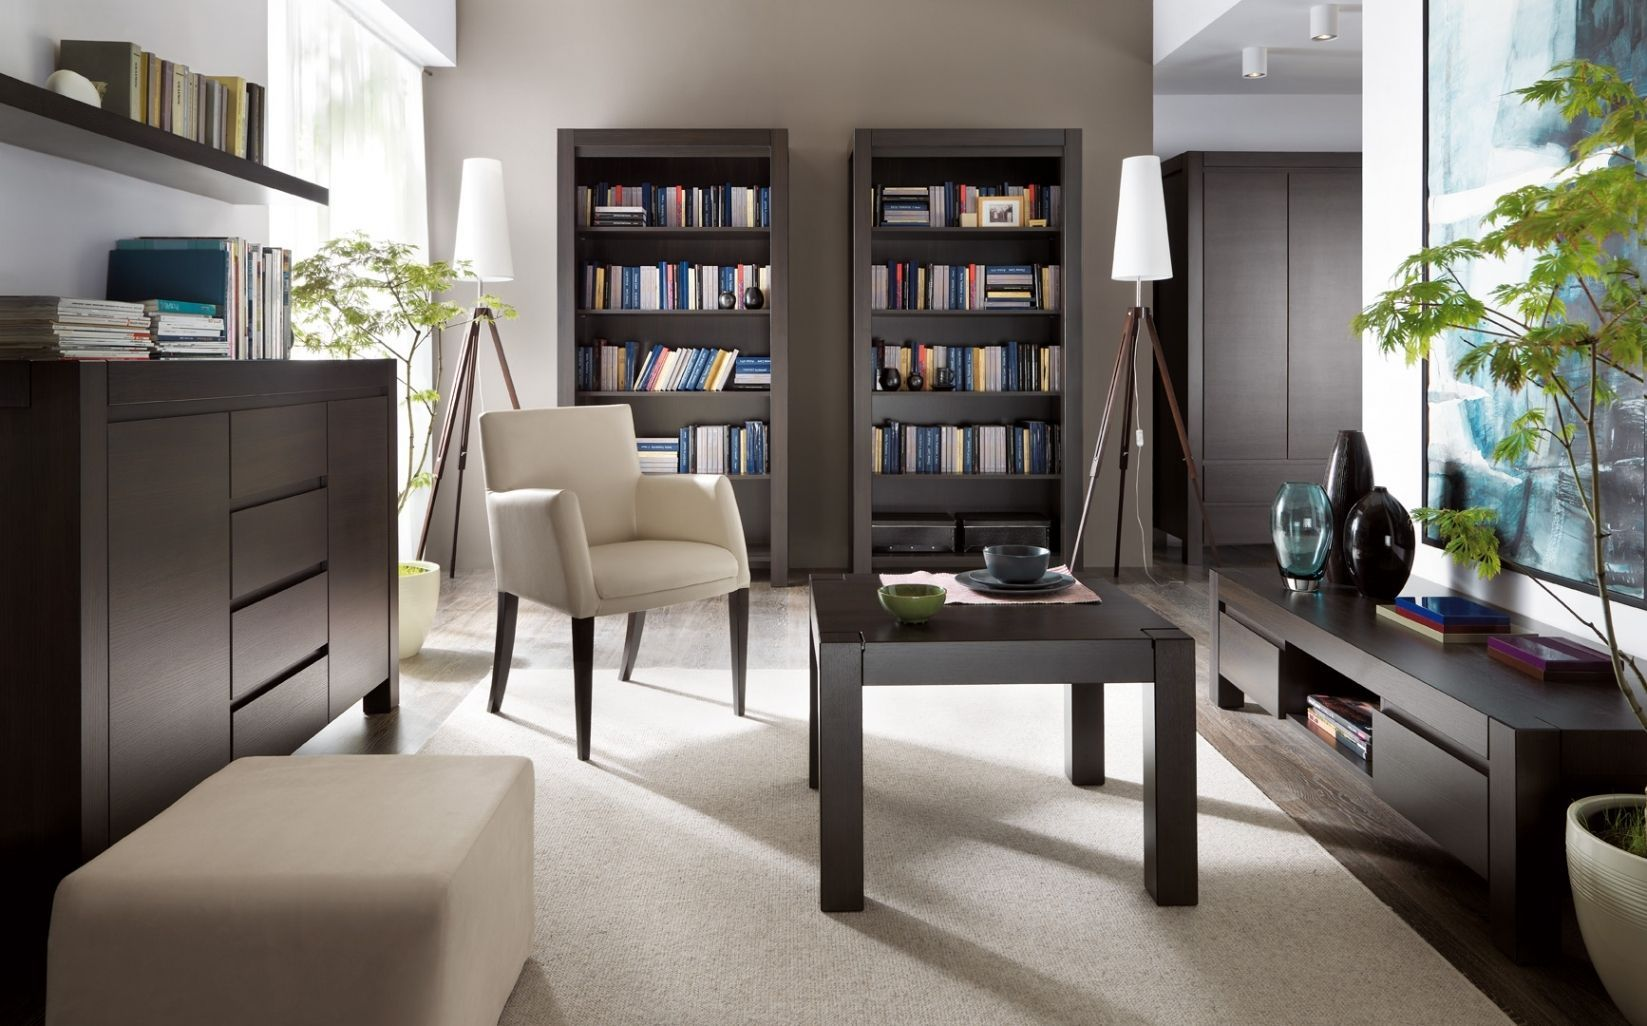 GroBartig Wohnzimmer Einrichten Dunkle Möbel